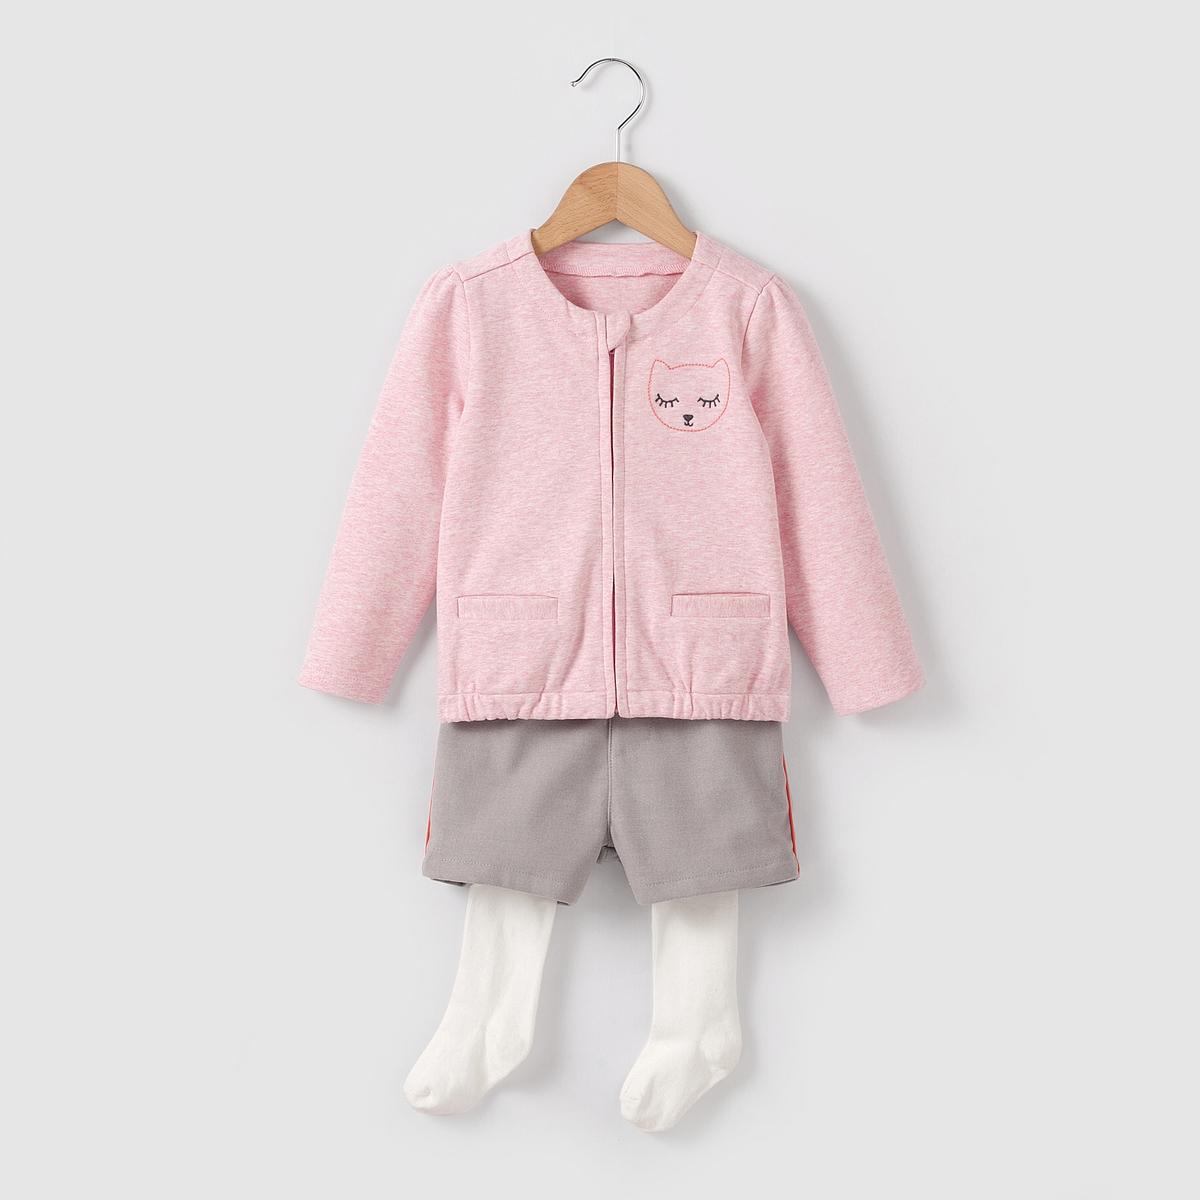 Комплект из 3 предметов: жилет, шорты и колготки  1 мес-3 лет от La Redoute Collections